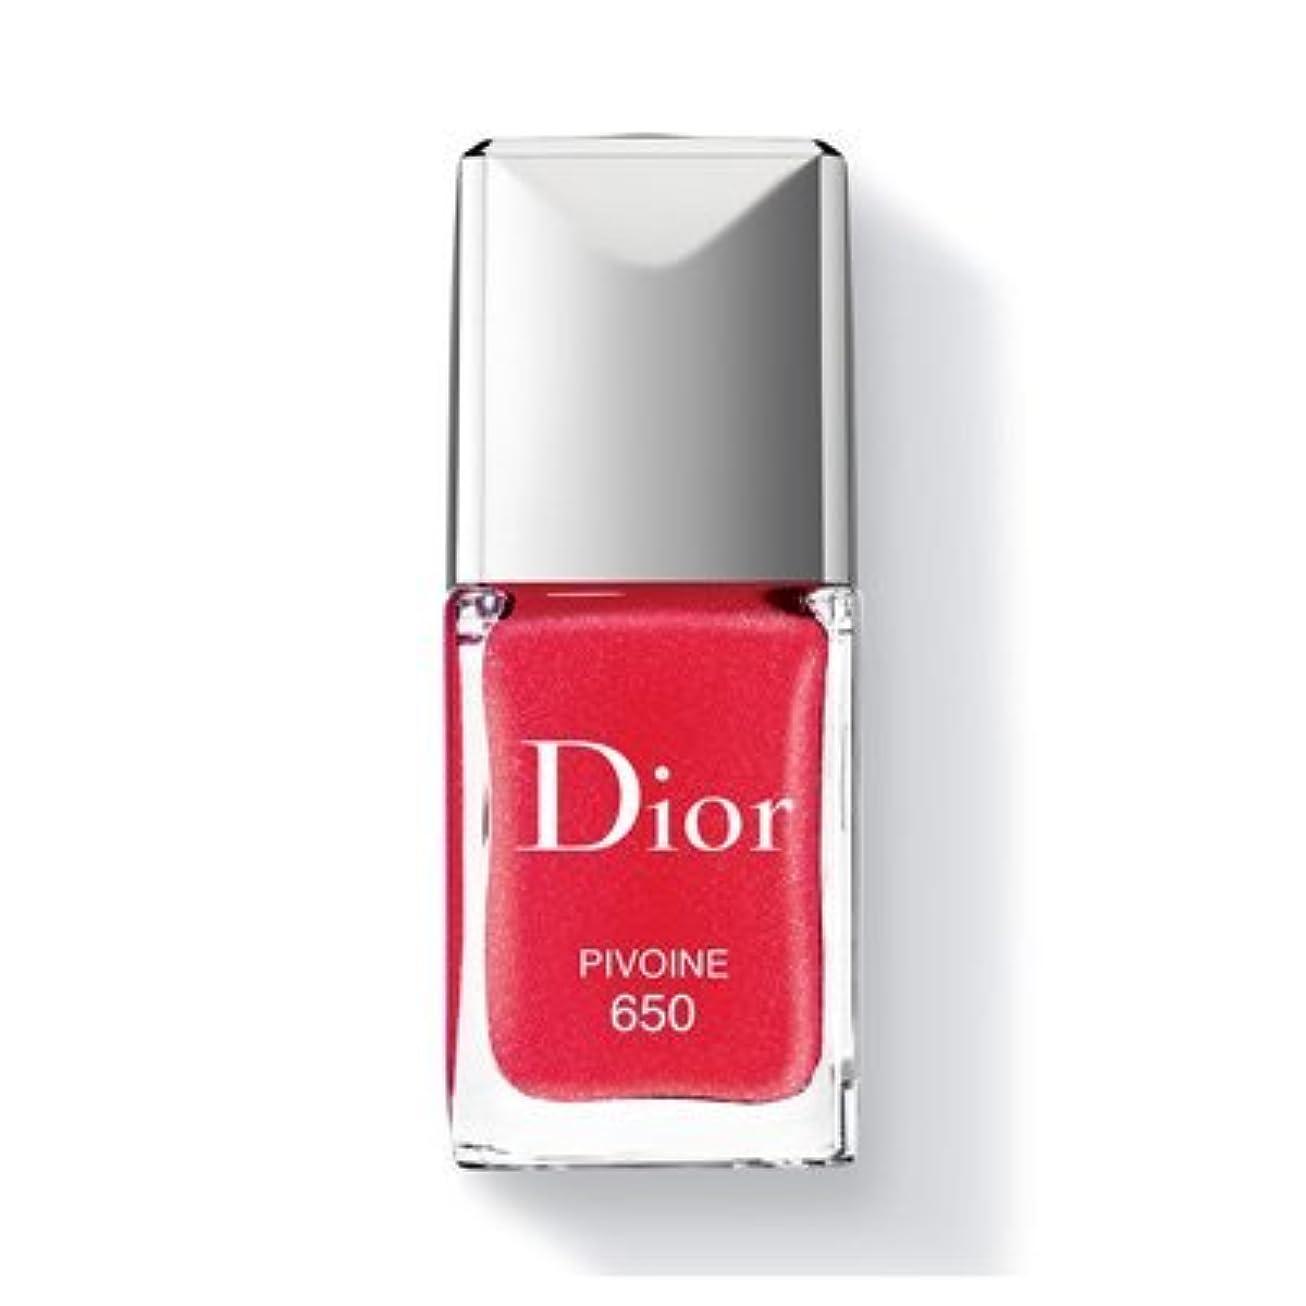 報復スリップシューズベアリングサークルChristian Dior クリスチャン ディオール ディオール ヴェルニ #650 PIVOINE 10ml [並行輸入品]